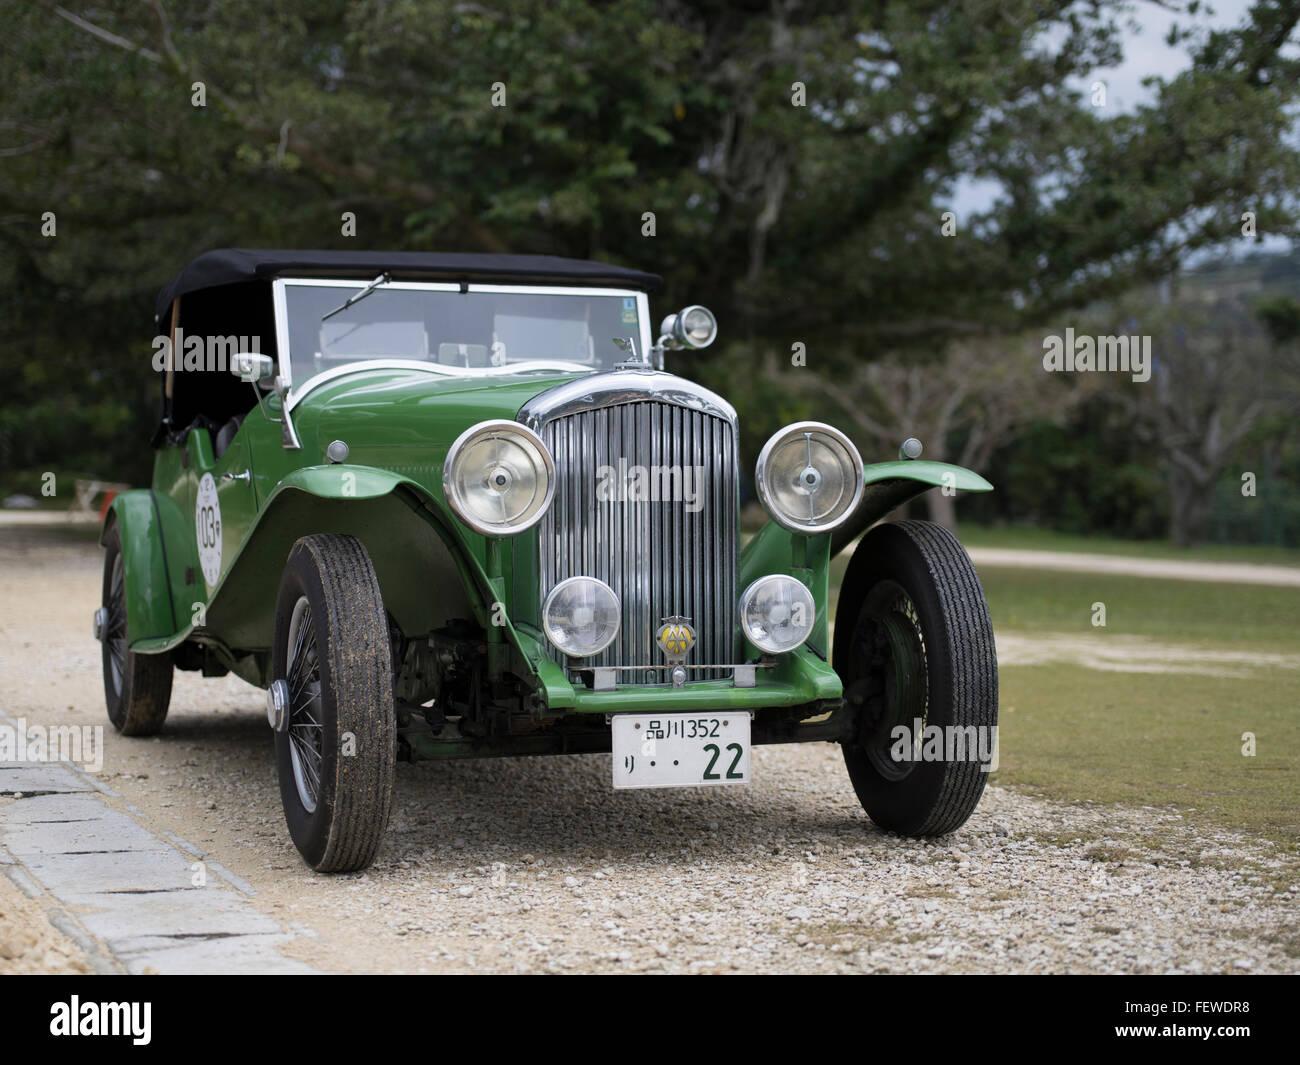 BENTLEY 3.5L 1935 - Stock Image